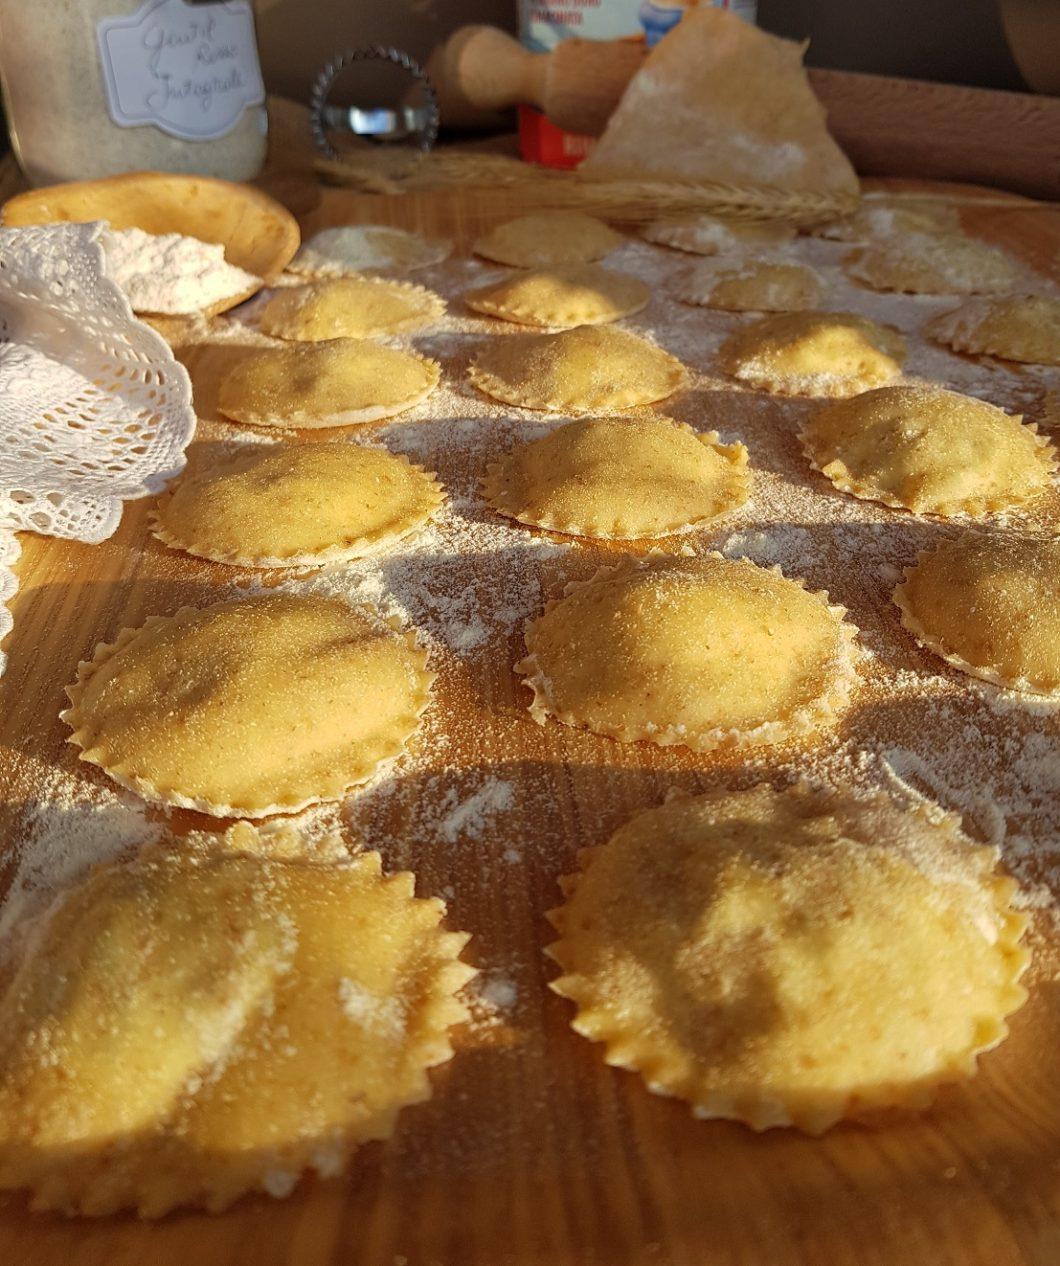 questa foto rappresenta i ravioli gluten free ricotta e spinaci ricetta di pasticciandoconlafranca